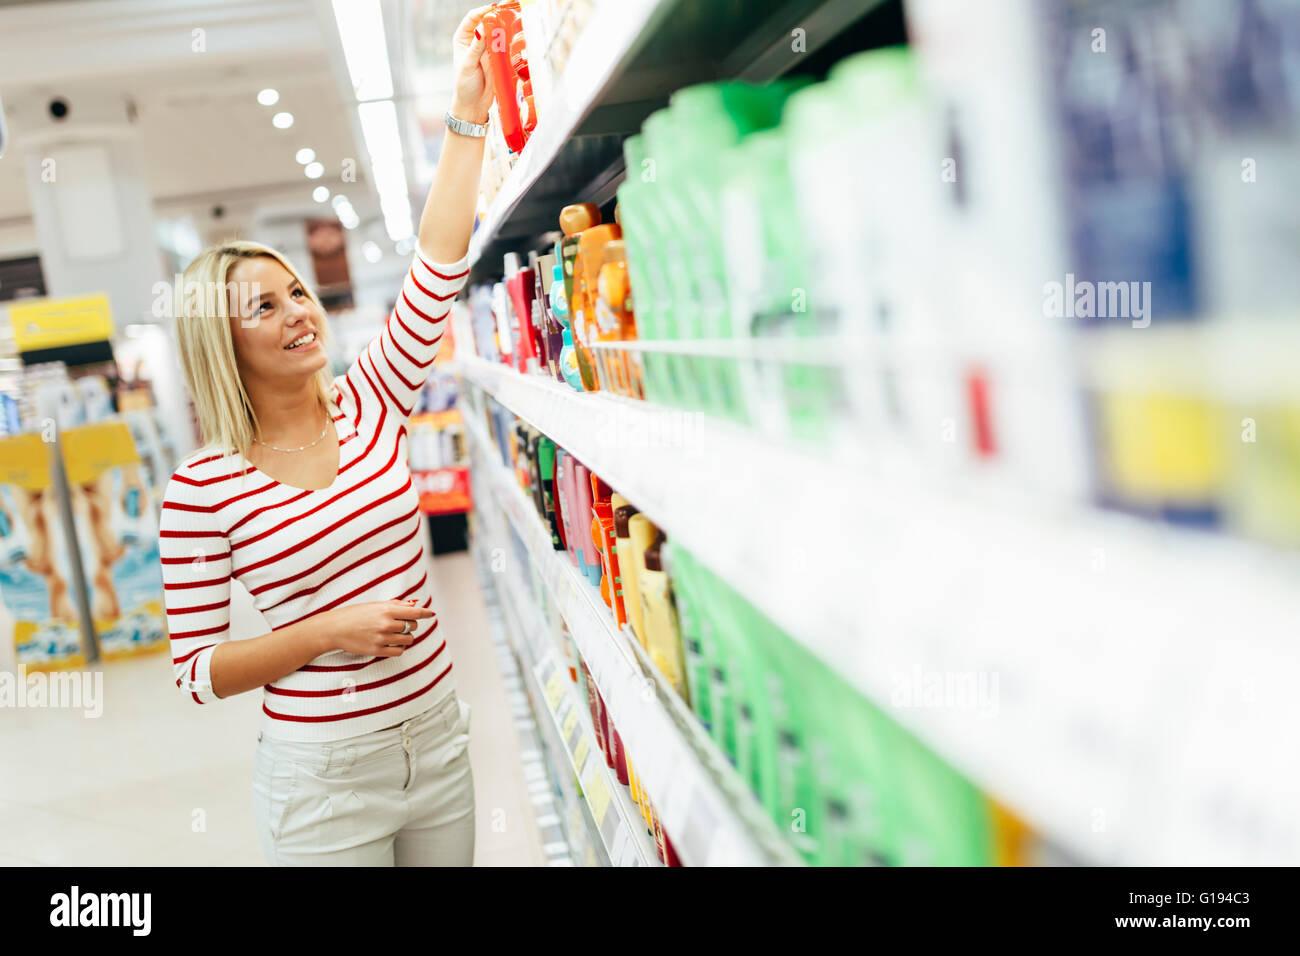 Schöne Frau Körper-Produkte im Supermarkt zu kaufen Stockbild